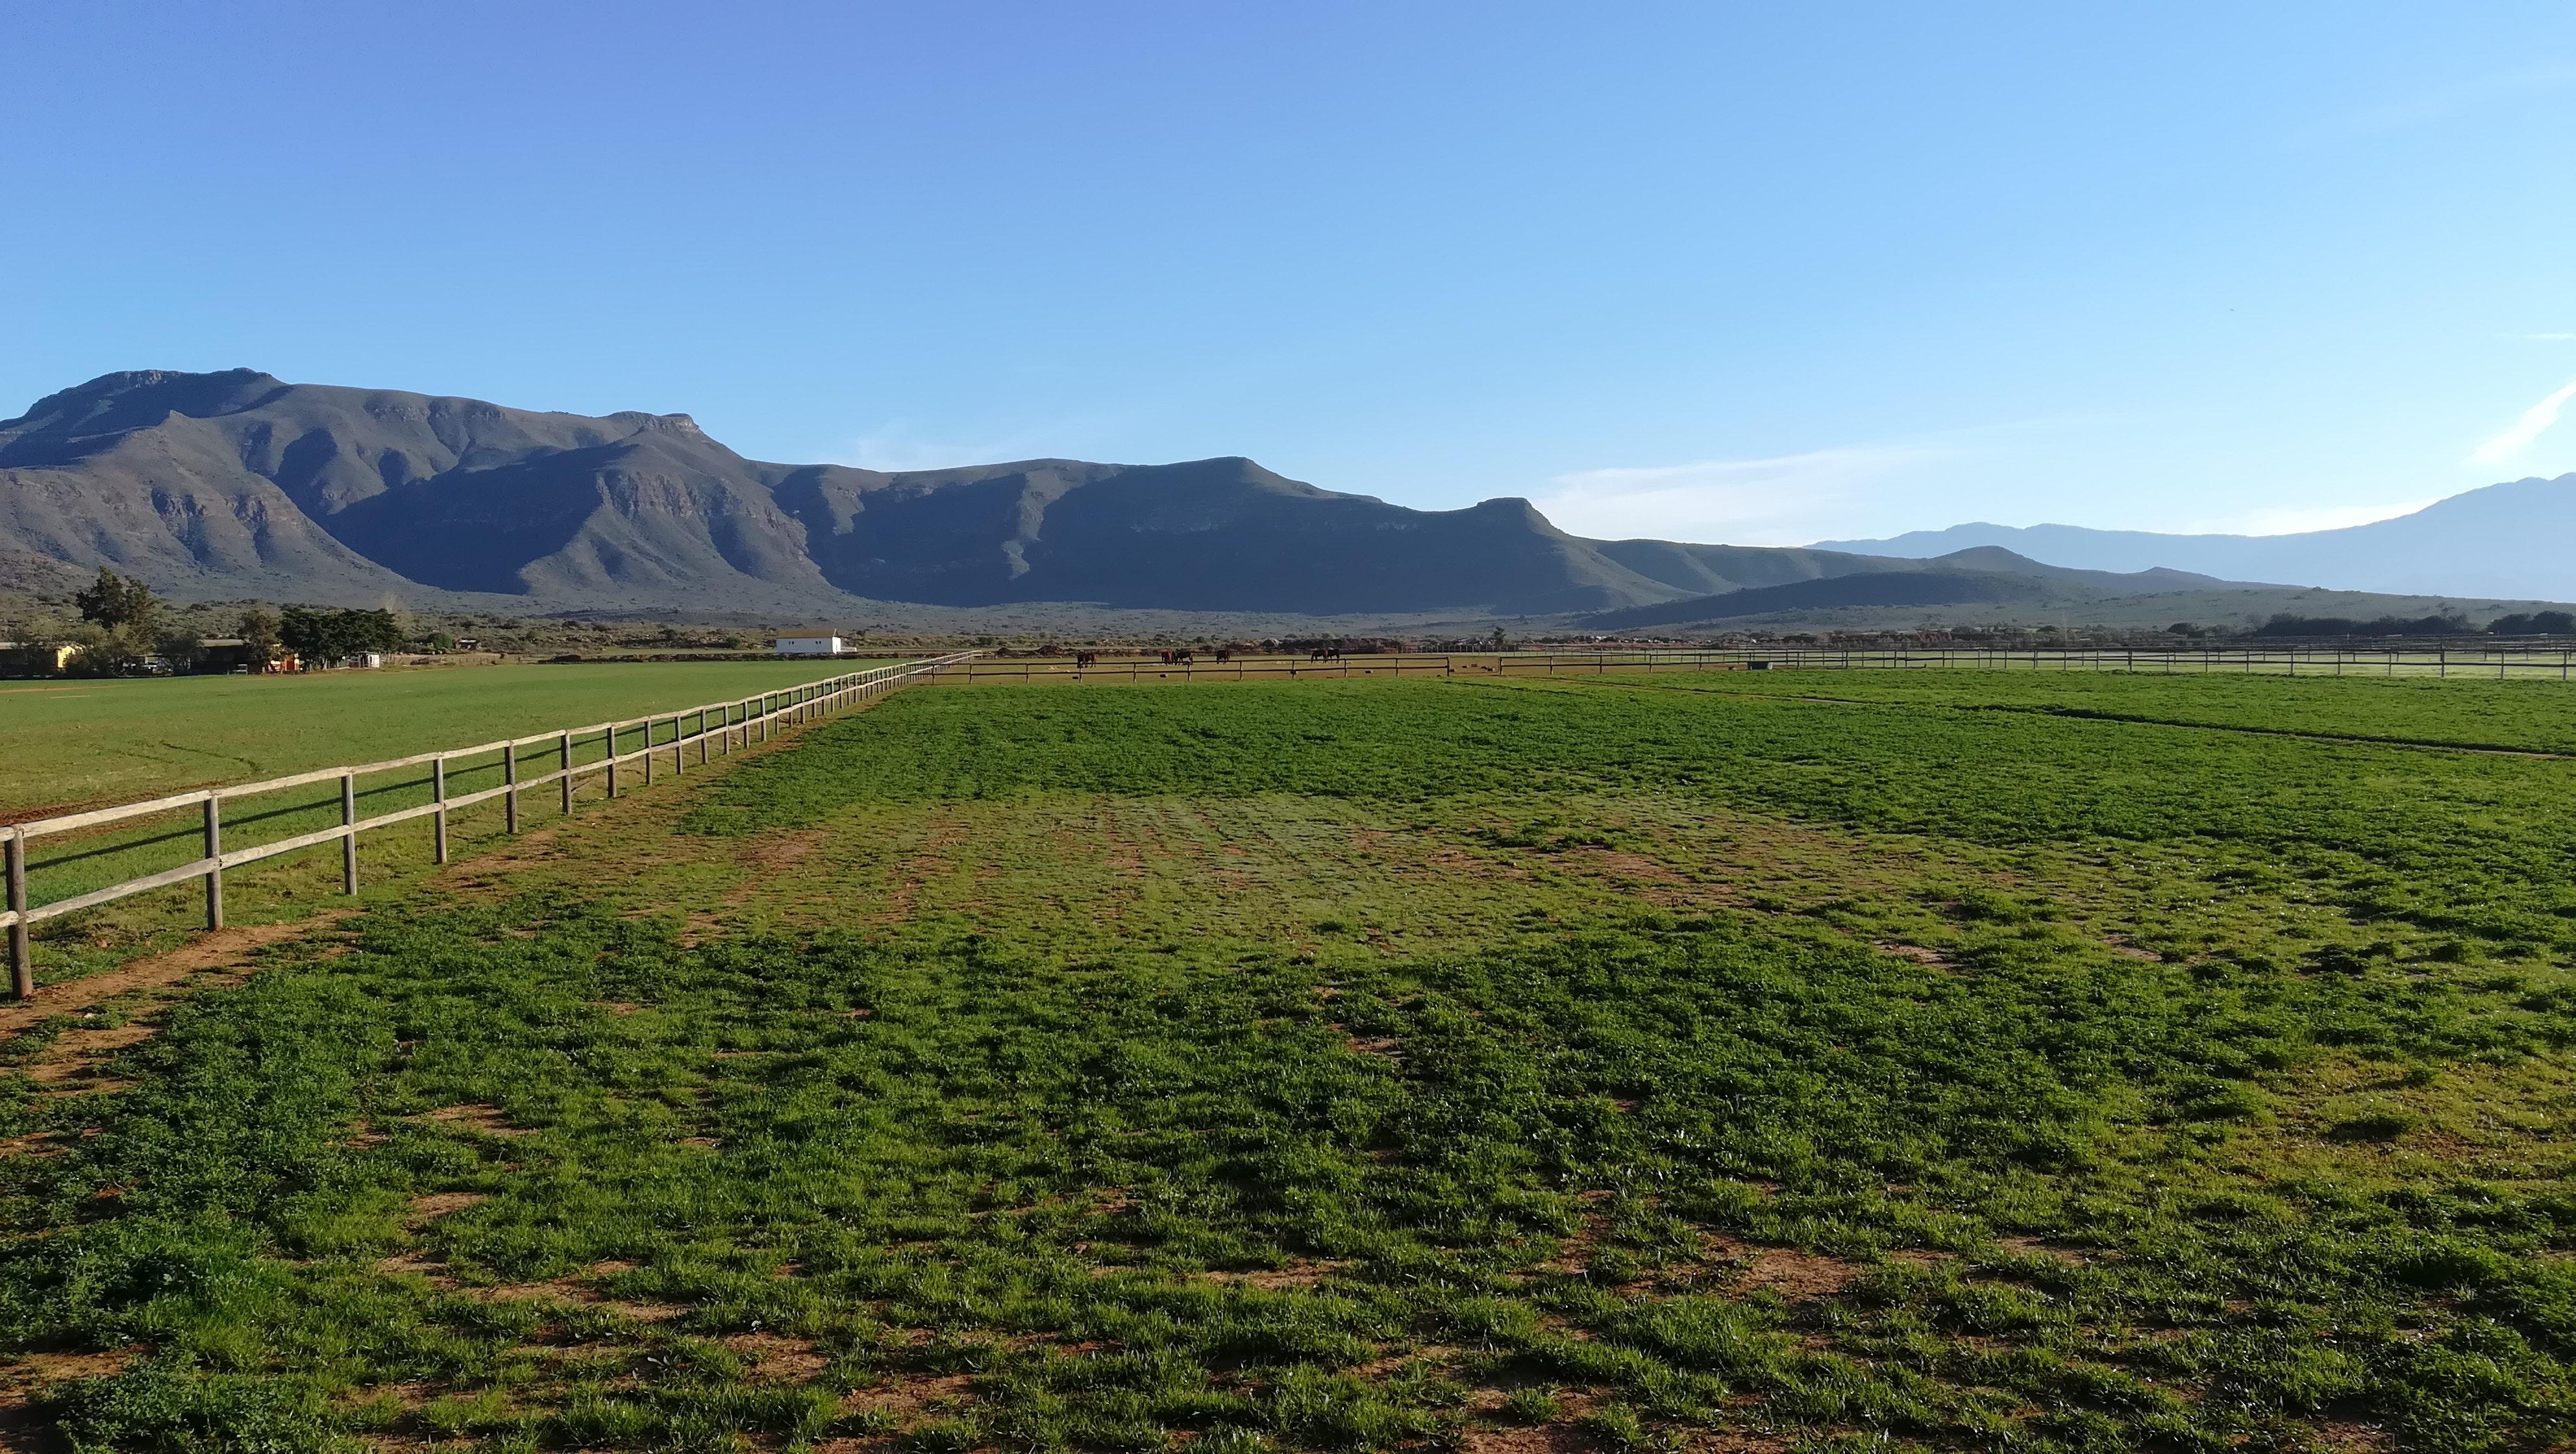 Thiên nhiên tươi đẹp cùng bức ảnh chụp đồng cỏ chăn nuôi